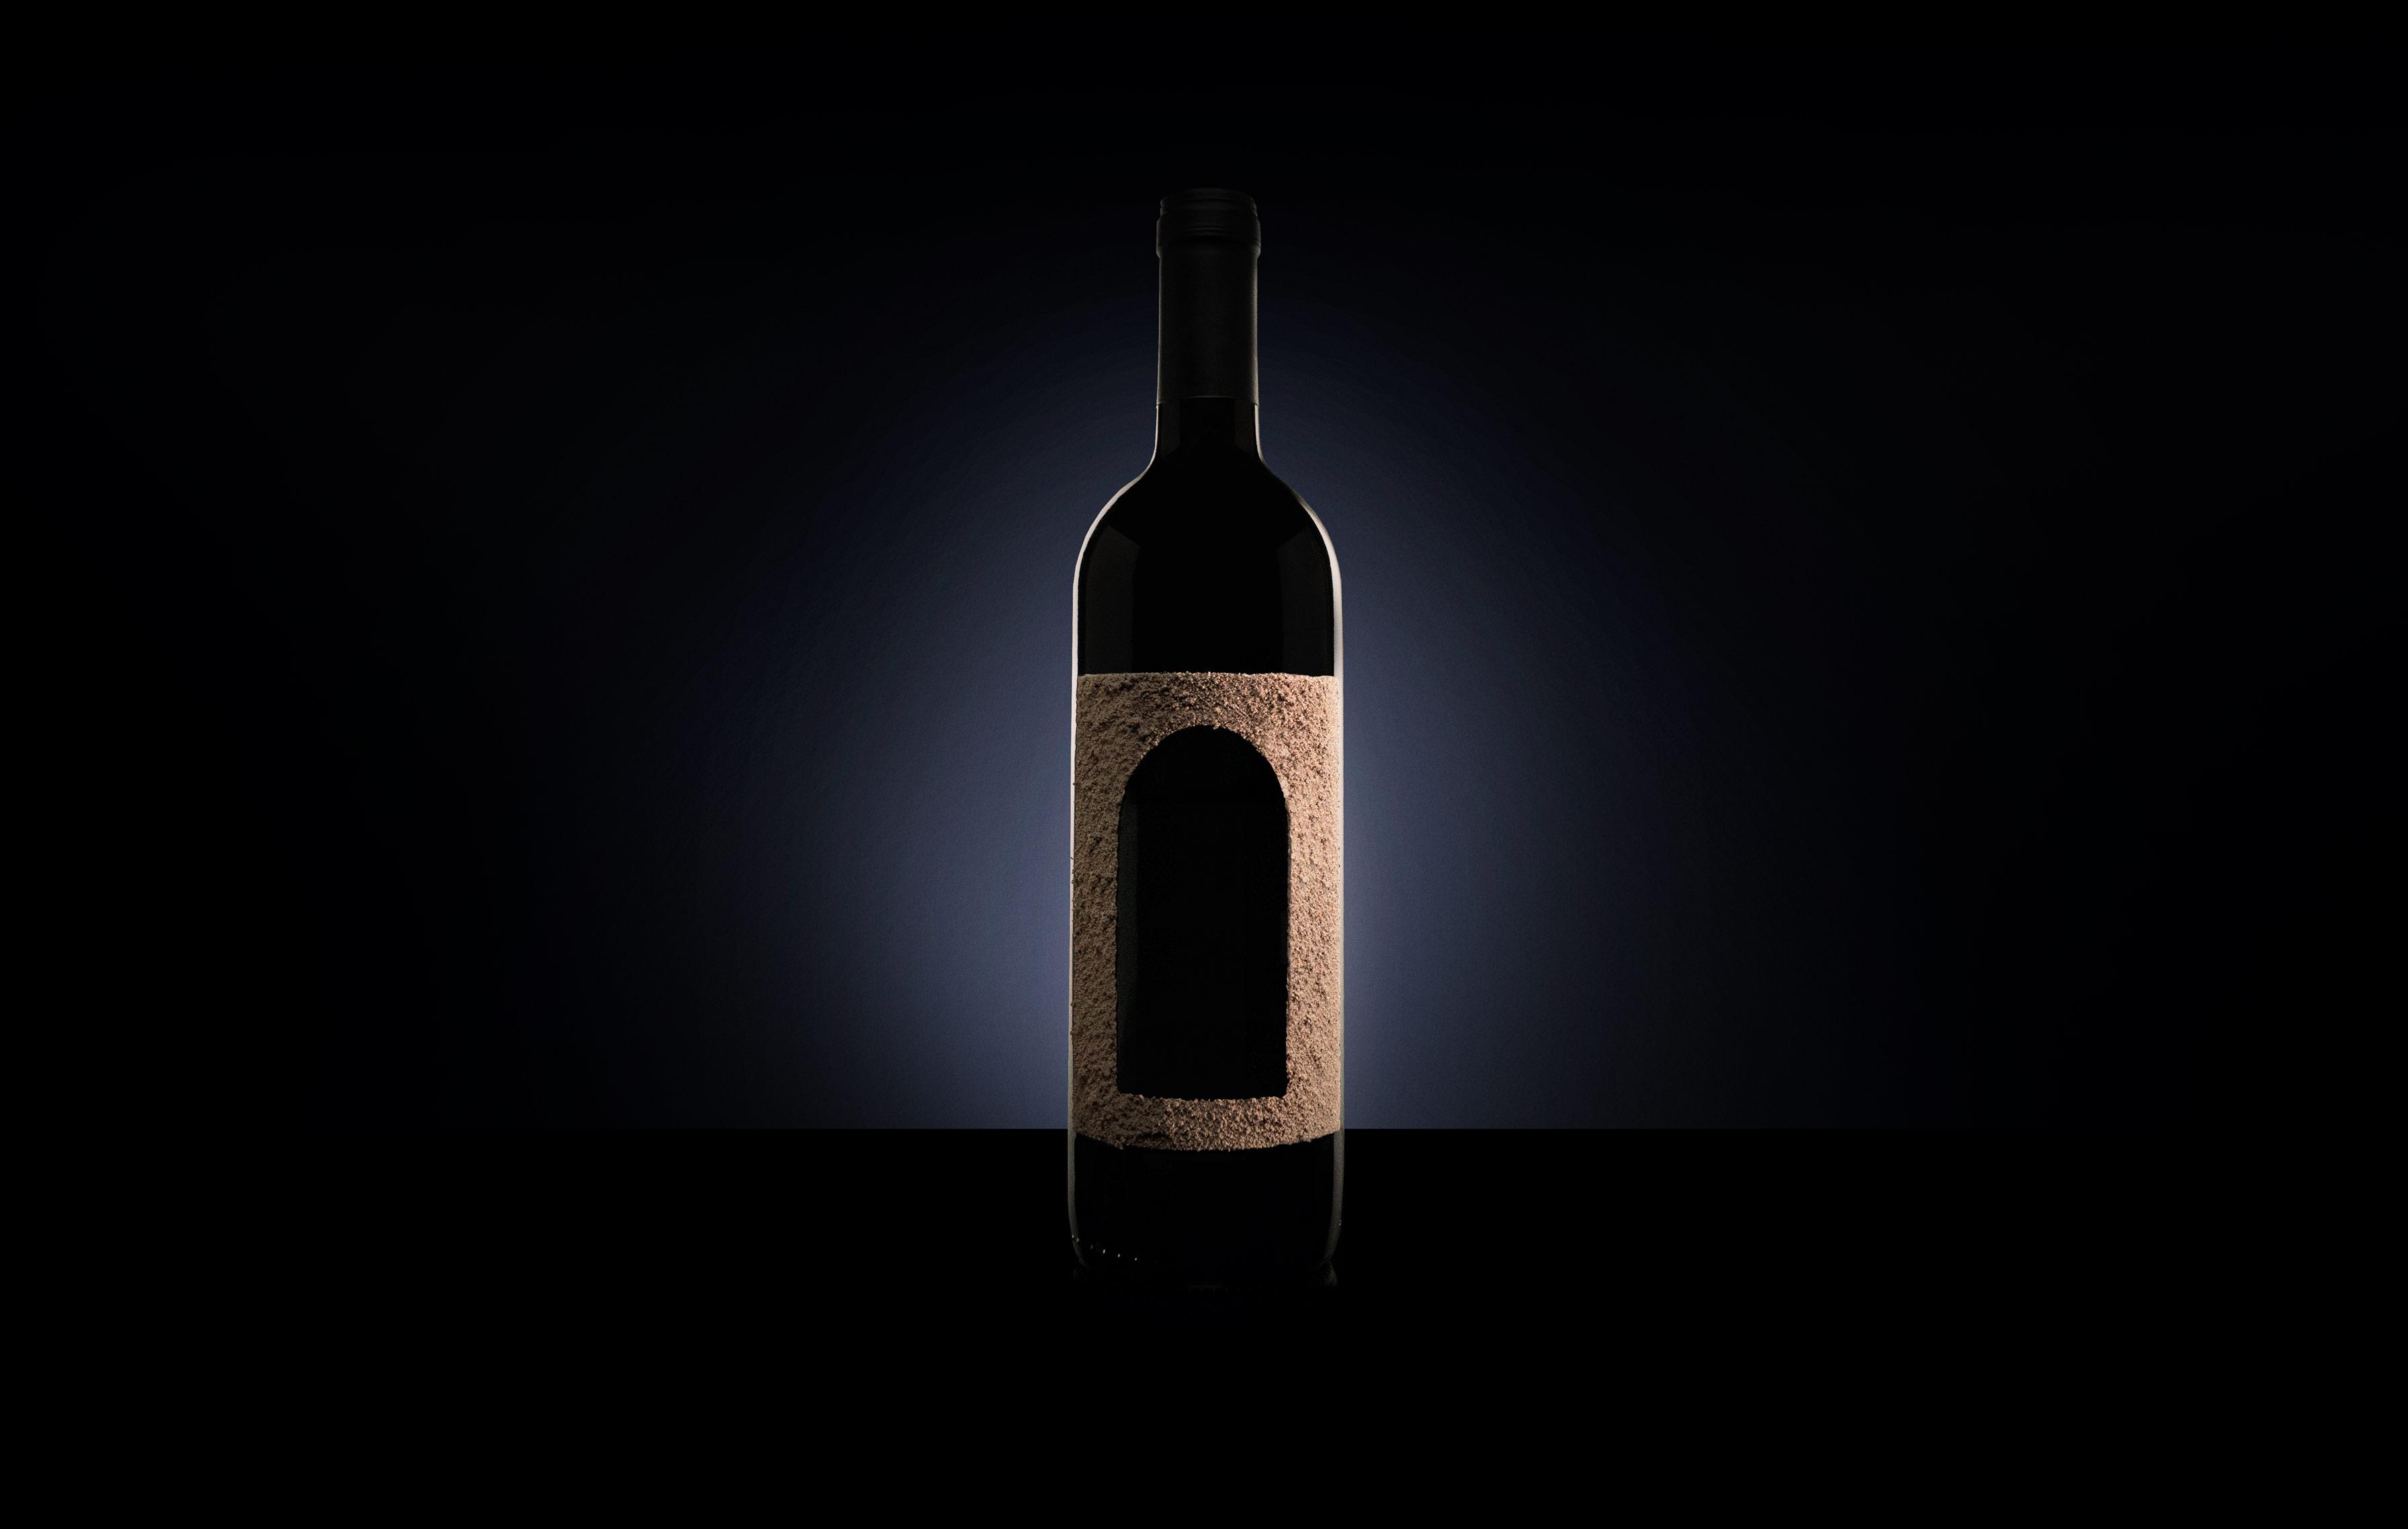 Wine Bottle - Wine Bottle 2